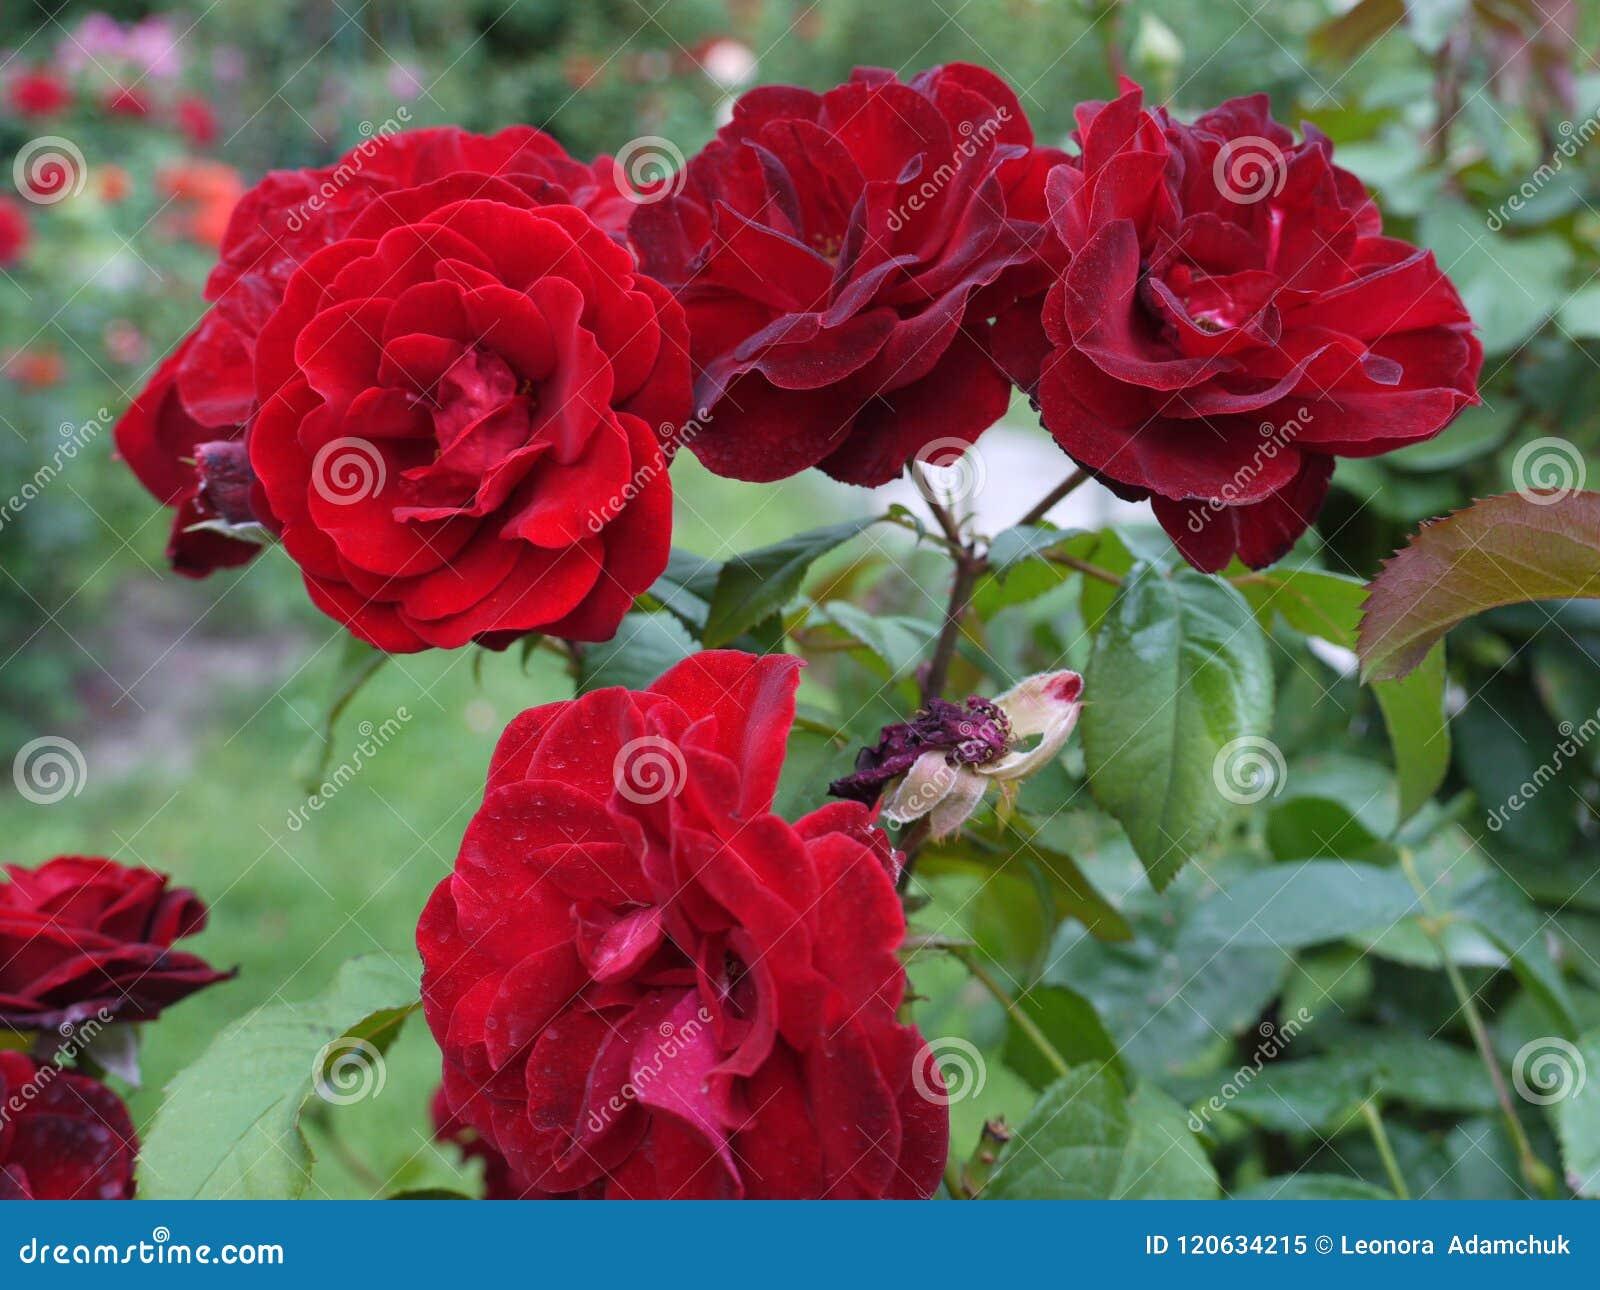 De fluweelbloemblaadjes van rode rozen zijn eenvoudig fascinerend met hun tederheid en schoonheid Zo wilt u van hun fantasievol g